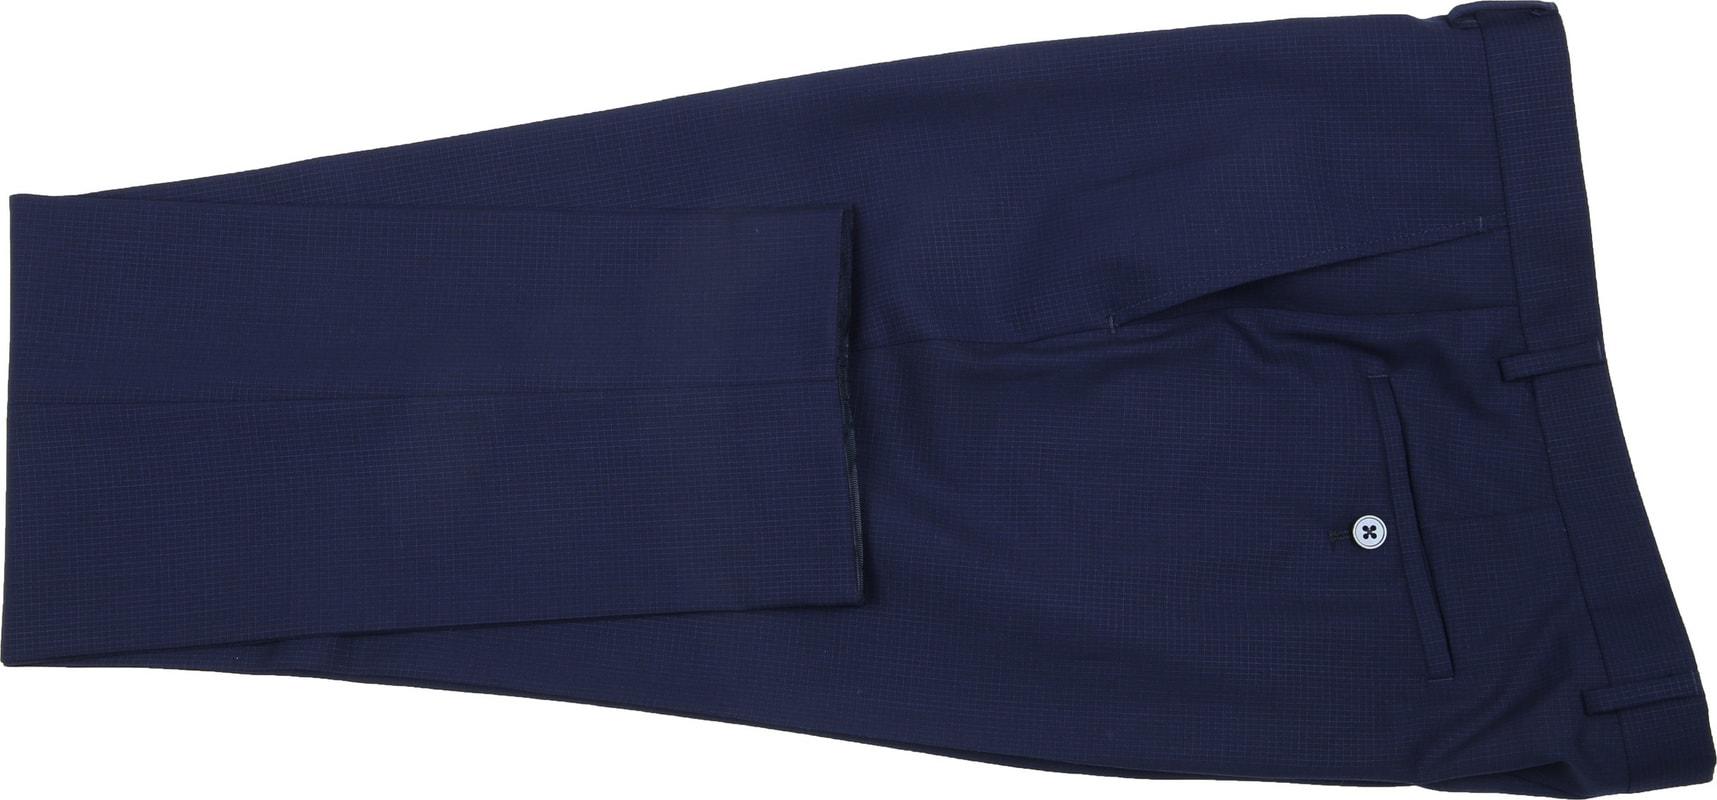 Suitable Suit Strato Tegea Navy photo 5